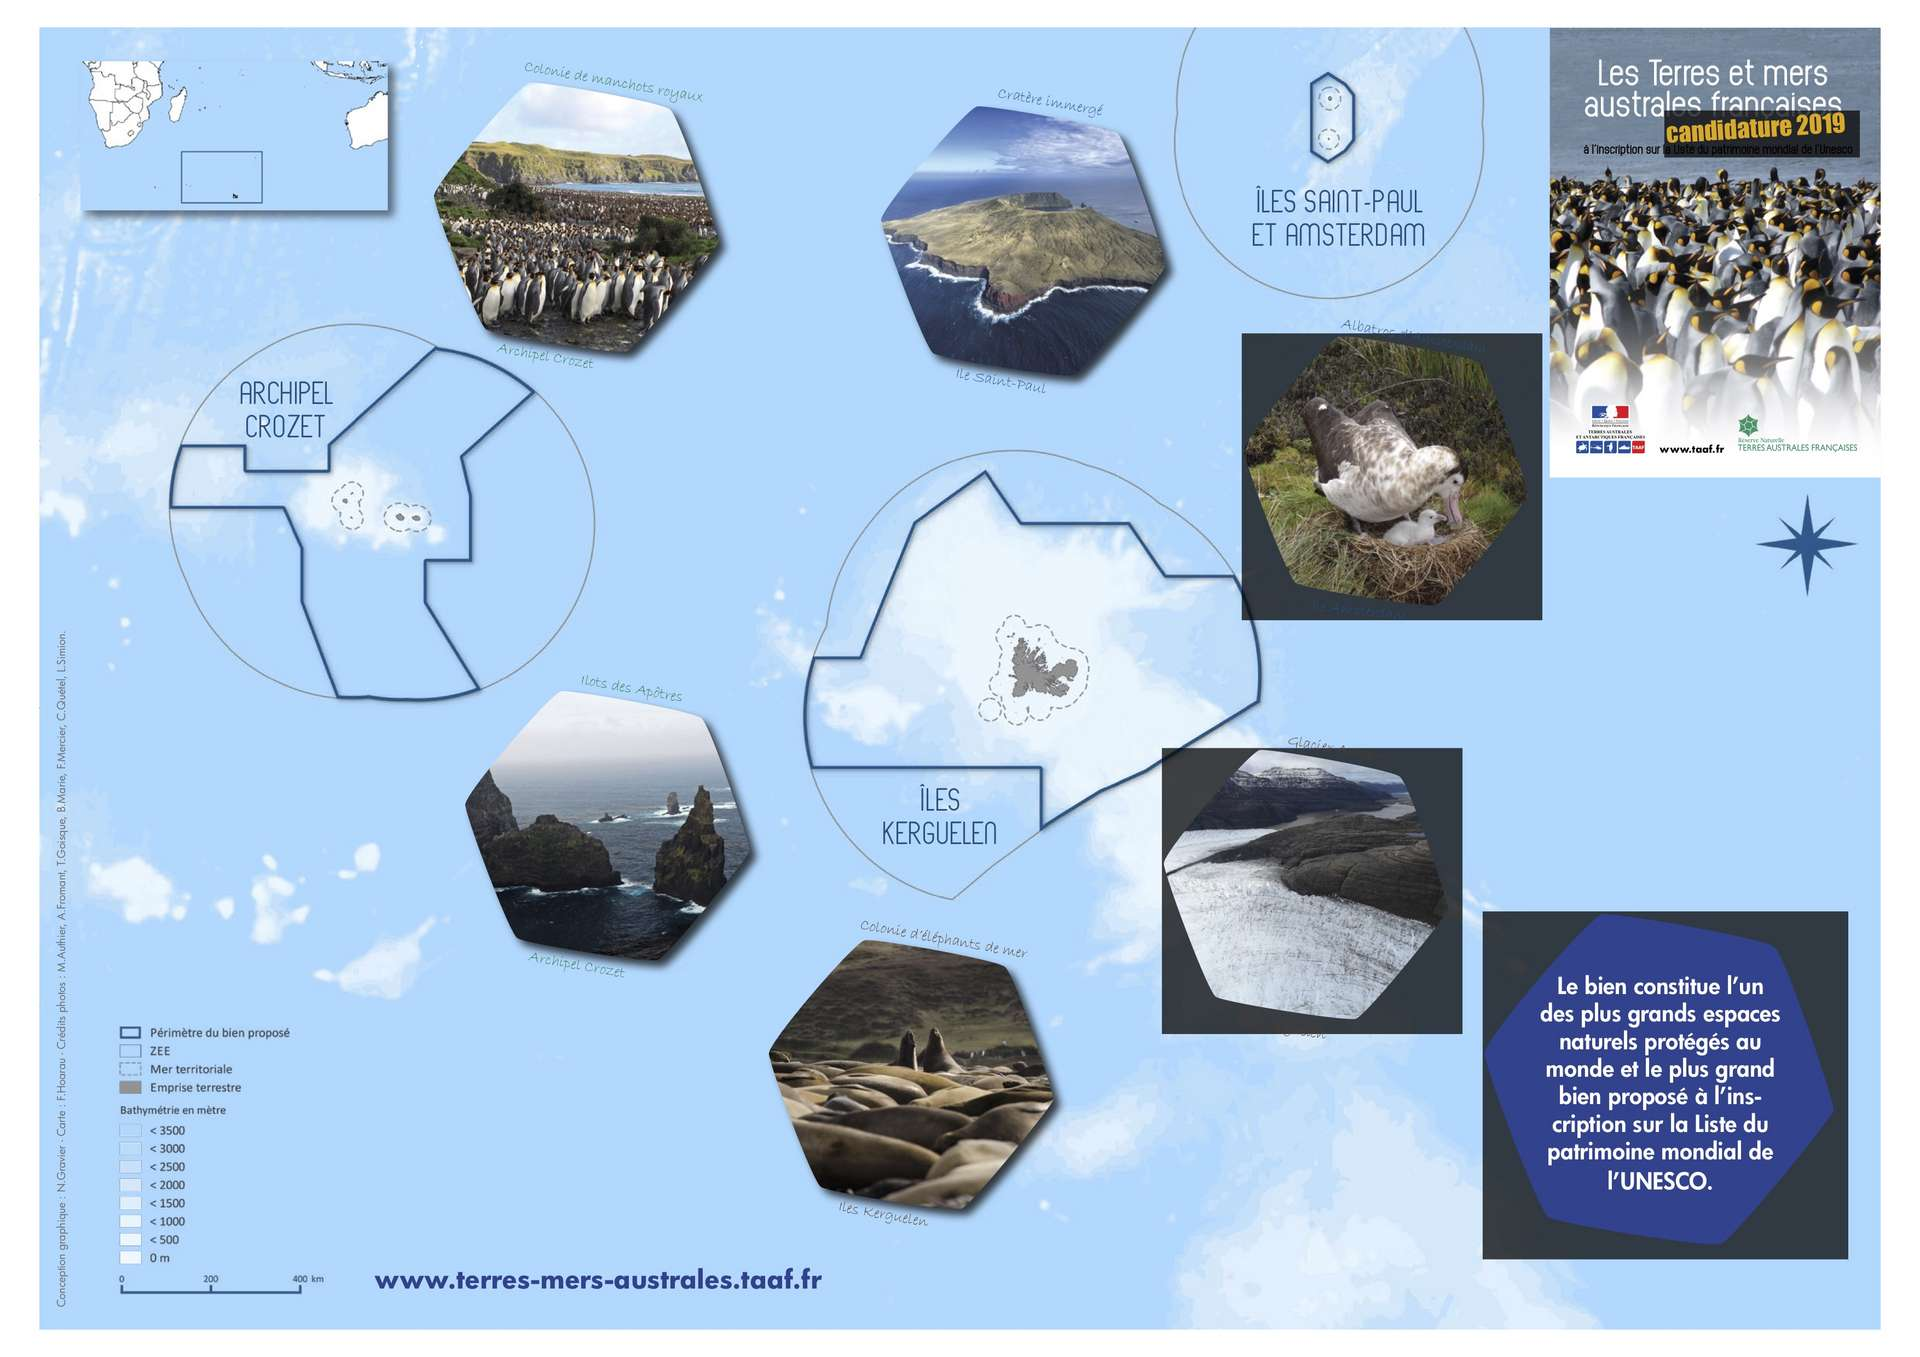 Les Terres et mers australes françaises constituent le plus grand bien inscrit au patrimoine mondial de l'Unesco. © TAAF